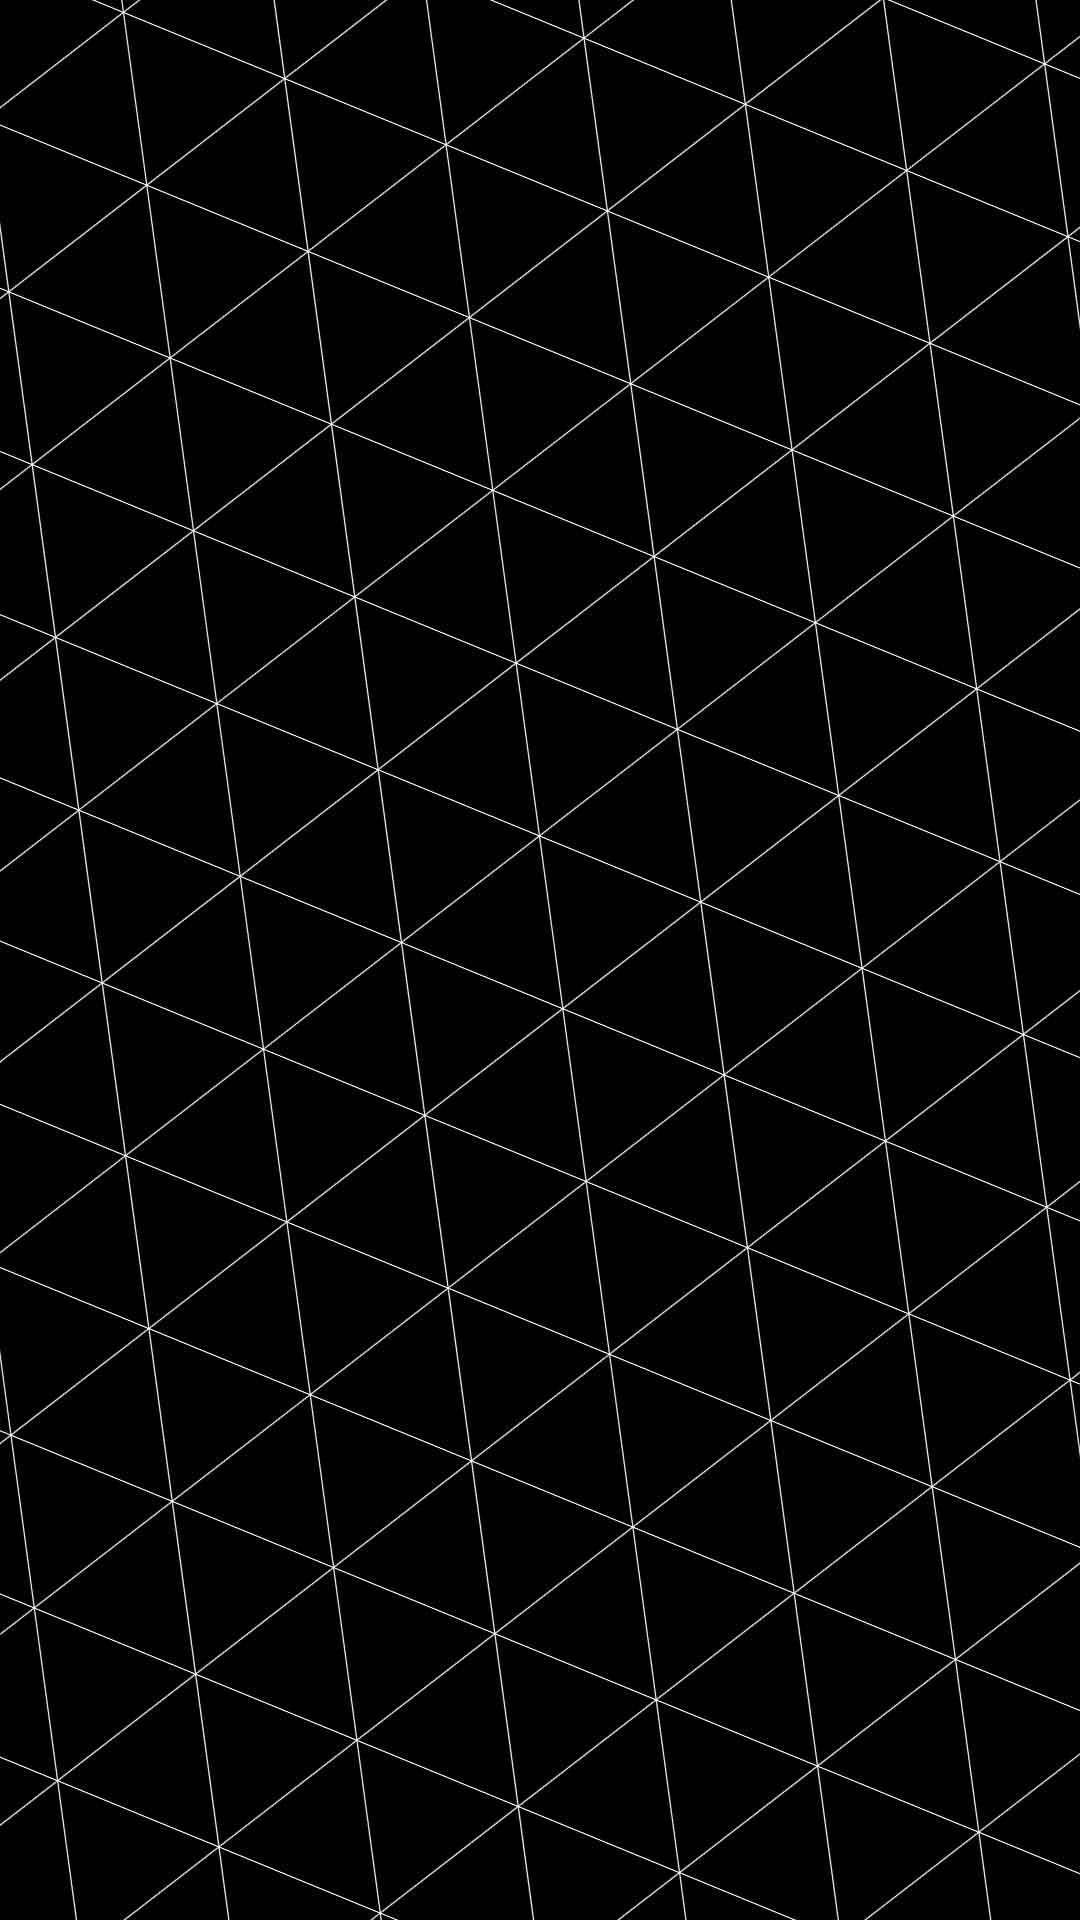 black wallpaper for mobile